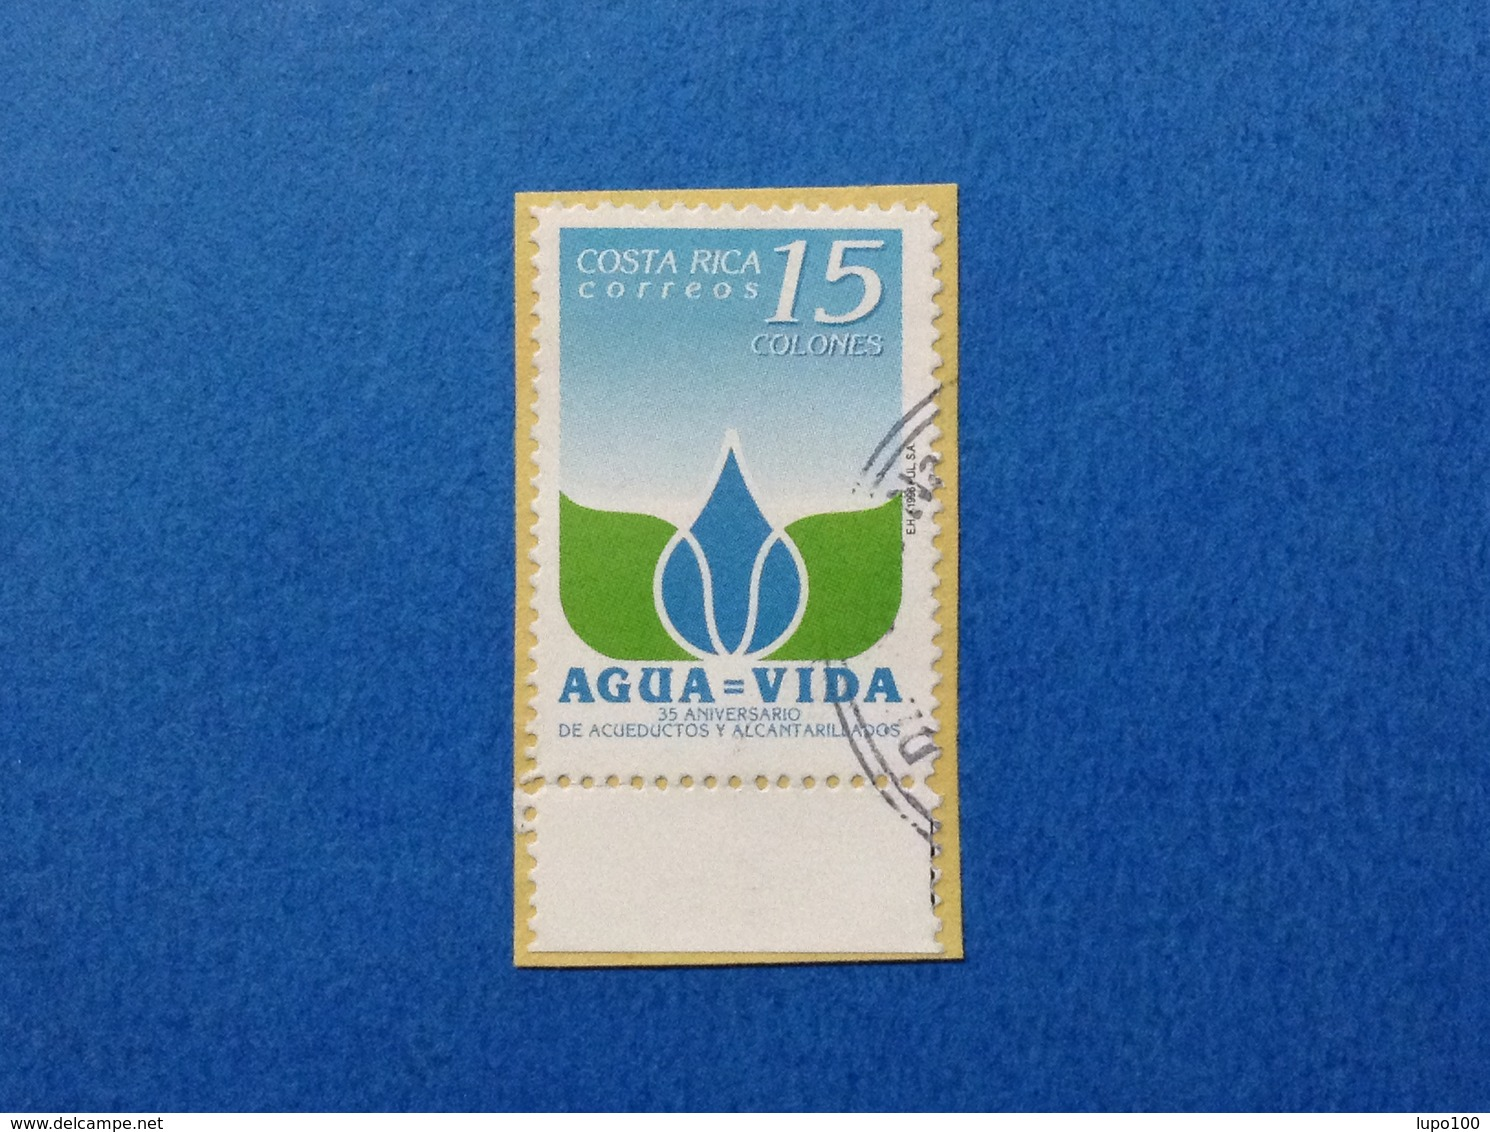 1996 COSTA RICA ACQUA ACUEDUCTOS 15 C FRANCOBOLLO USATO STAMP USED - Costa Rica